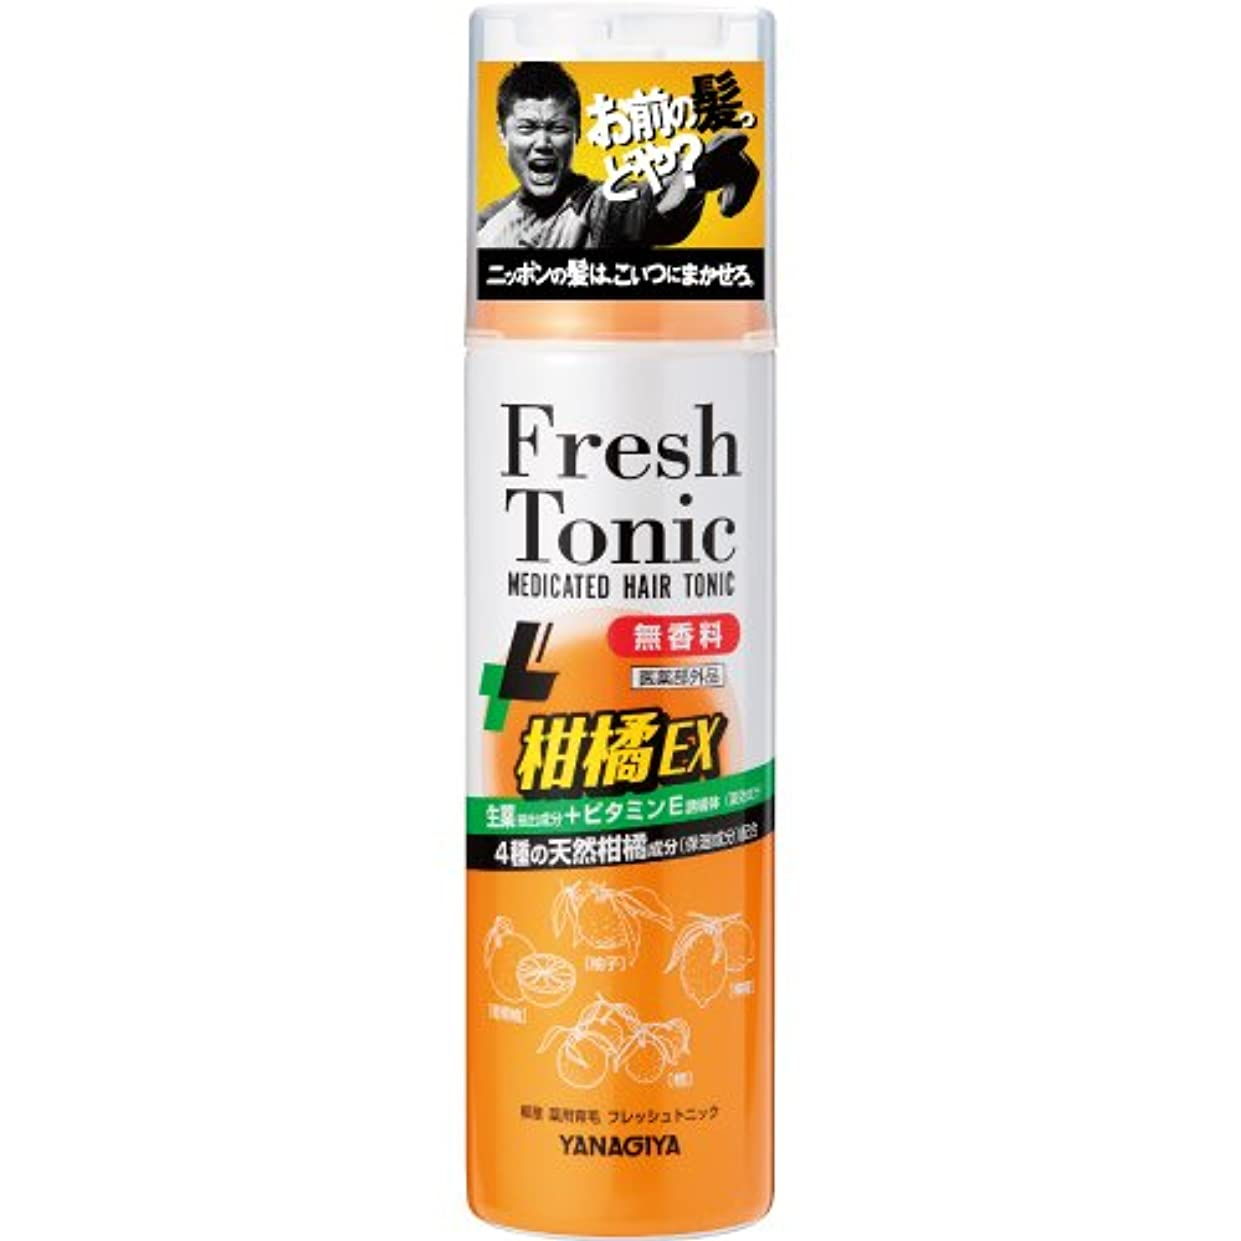 陪審期待して背の高い柳屋 薬用育毛 フレッシュトニック 柑橘EX <無香料> 190g